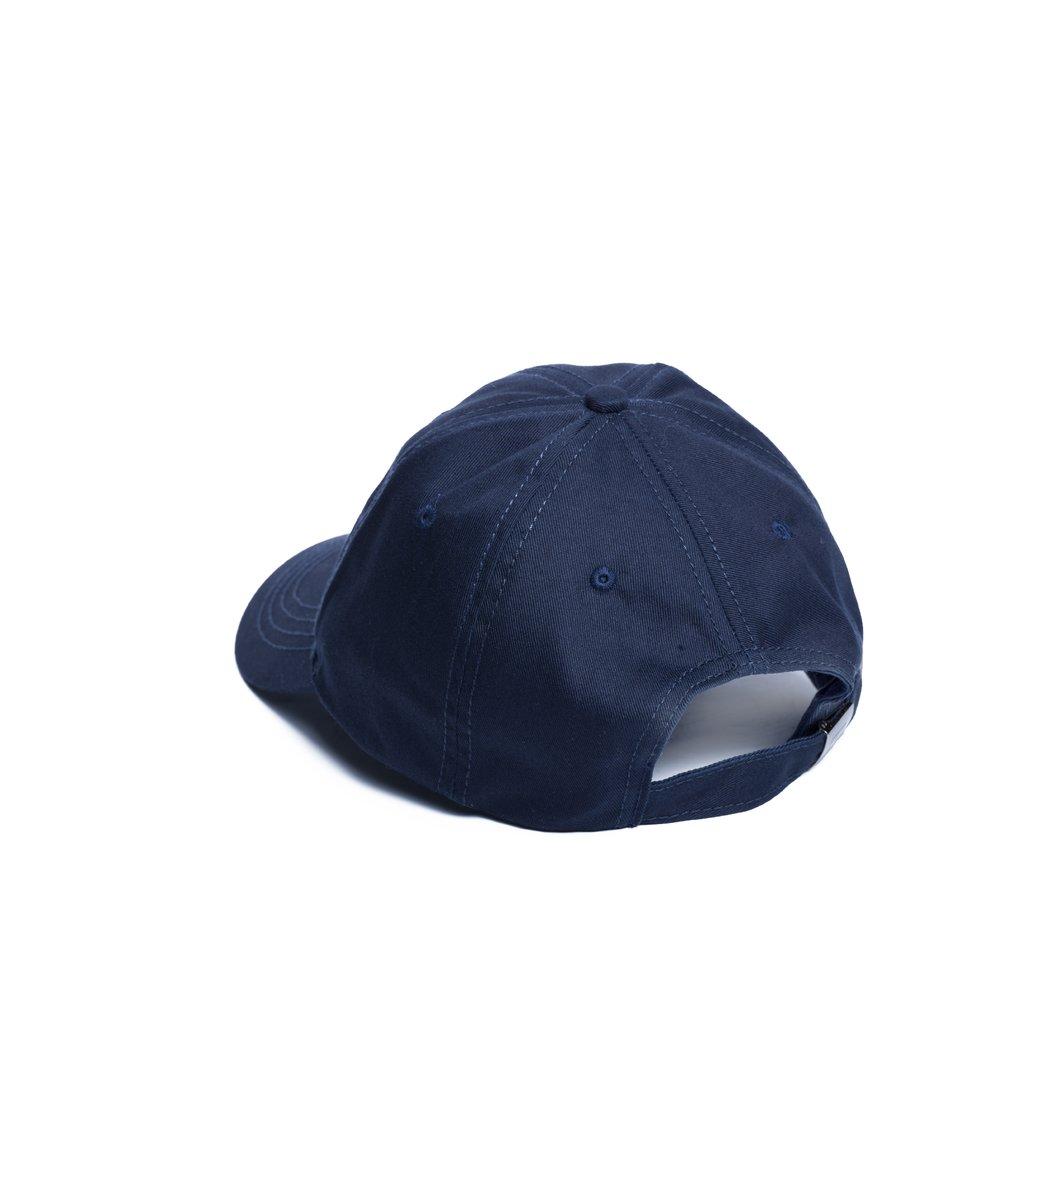 Кепка Tommy Hilfiger H1 Тёмно-синий - Тёмно-синий - Вид 2